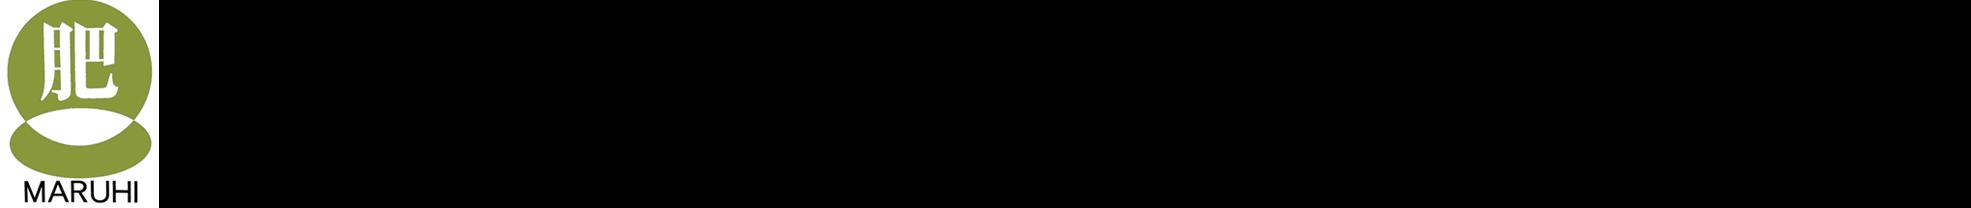 肥前陶磁器商工協同組合